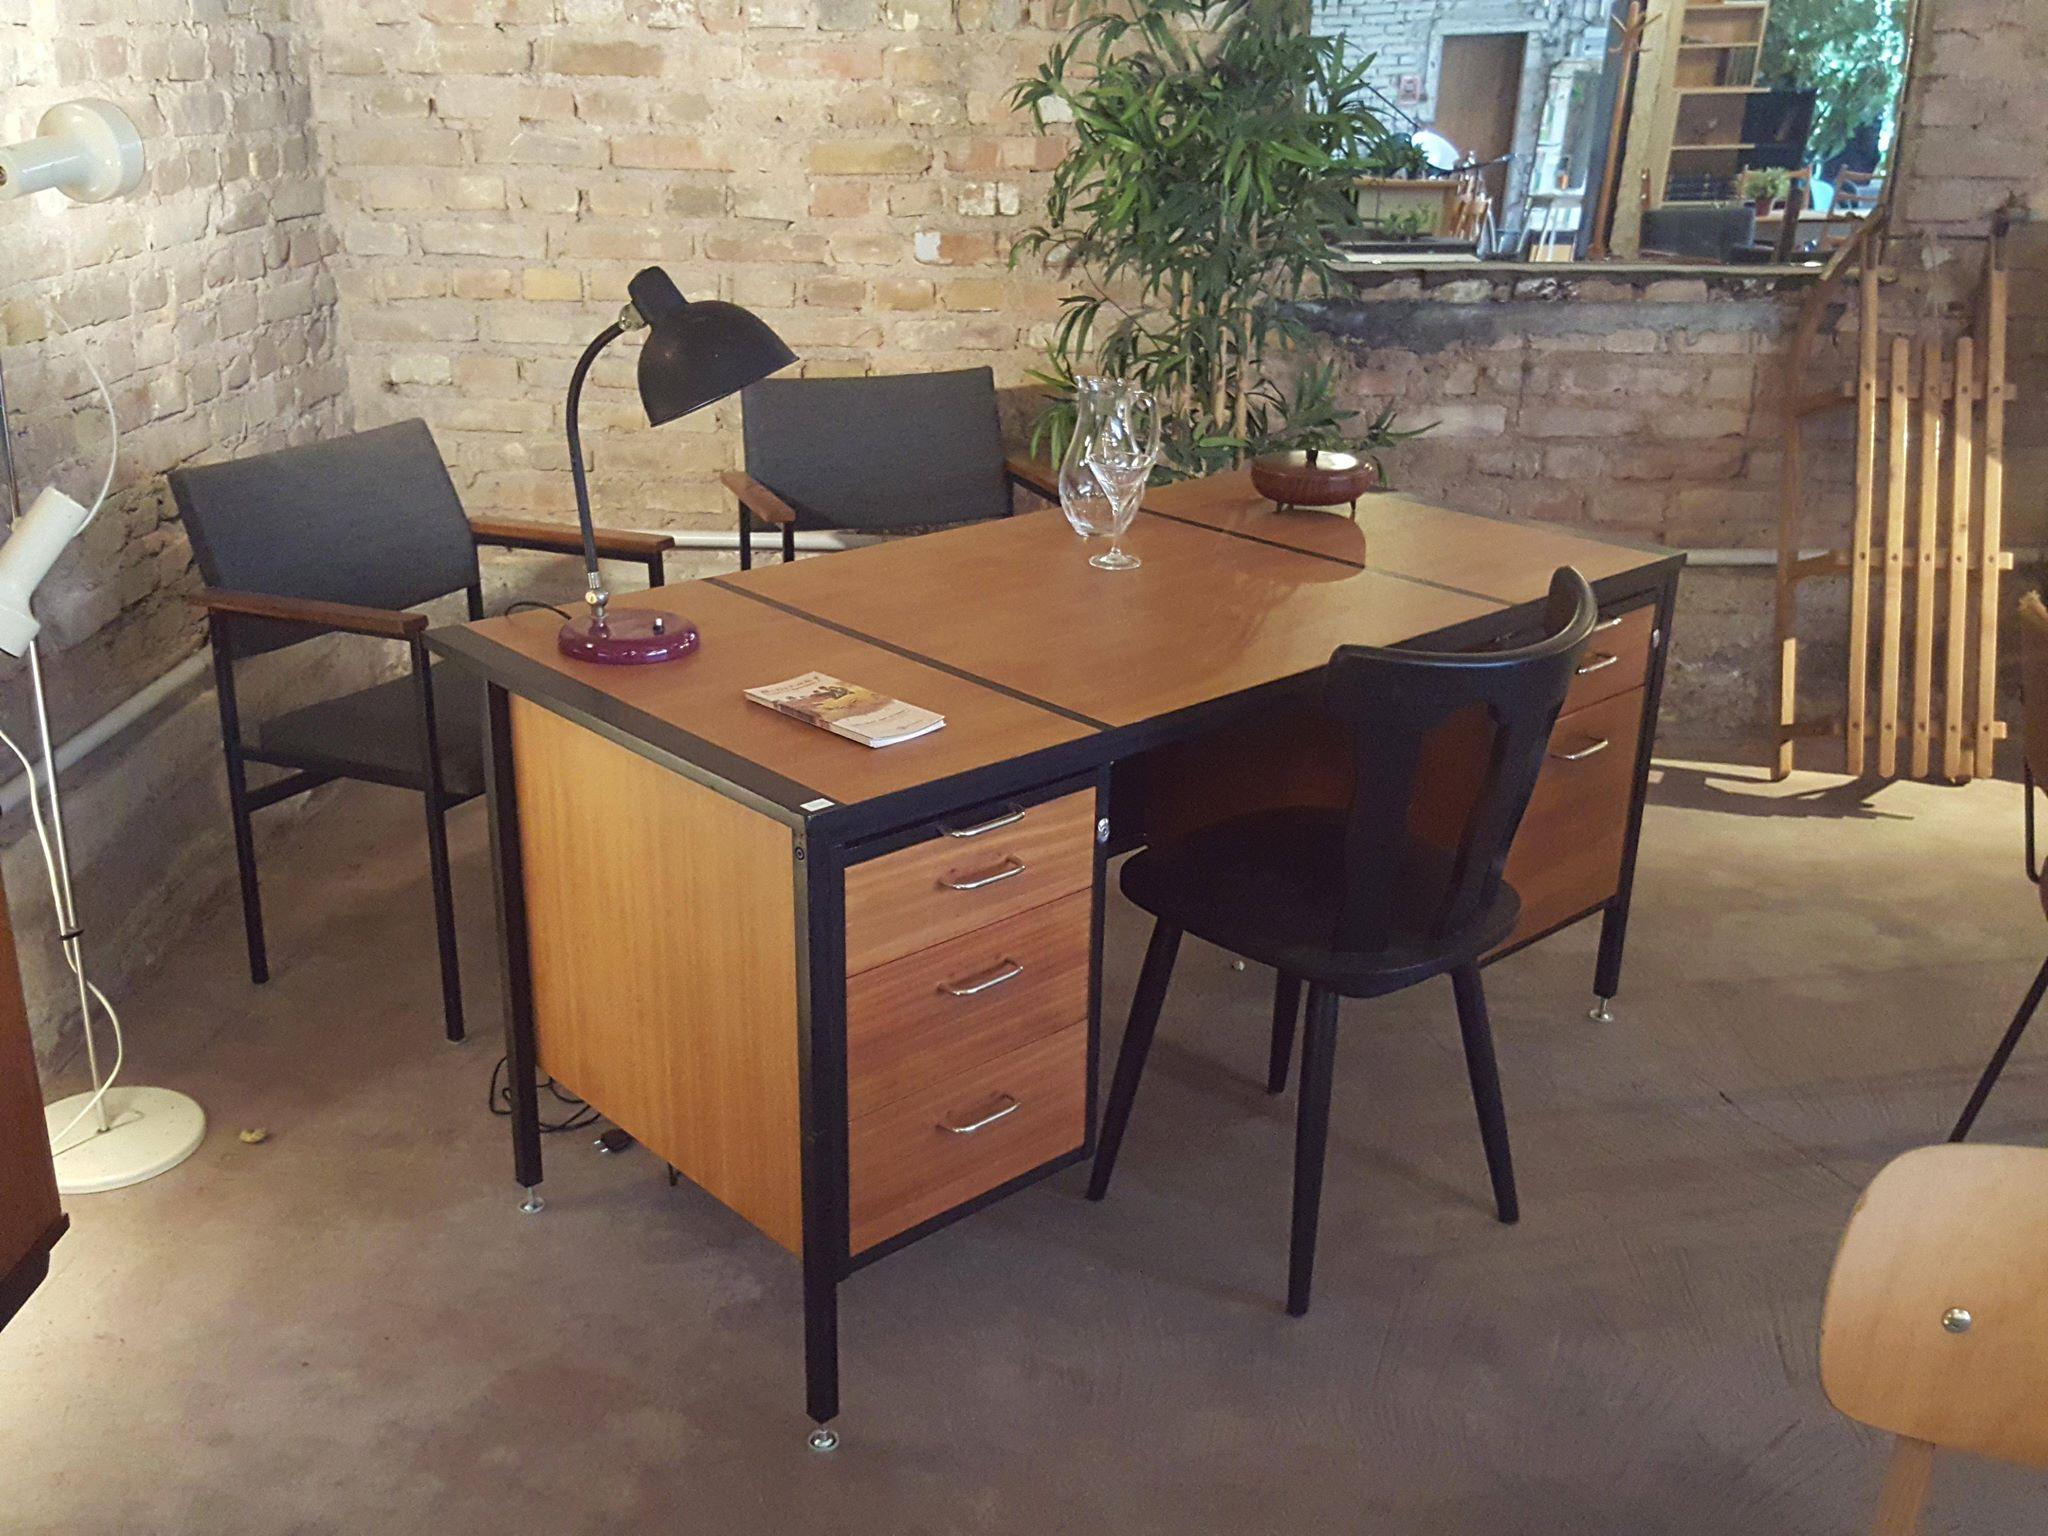 ouverture nocturne gentlemen designers mobilier vintage. Black Bedroom Furniture Sets. Home Design Ideas